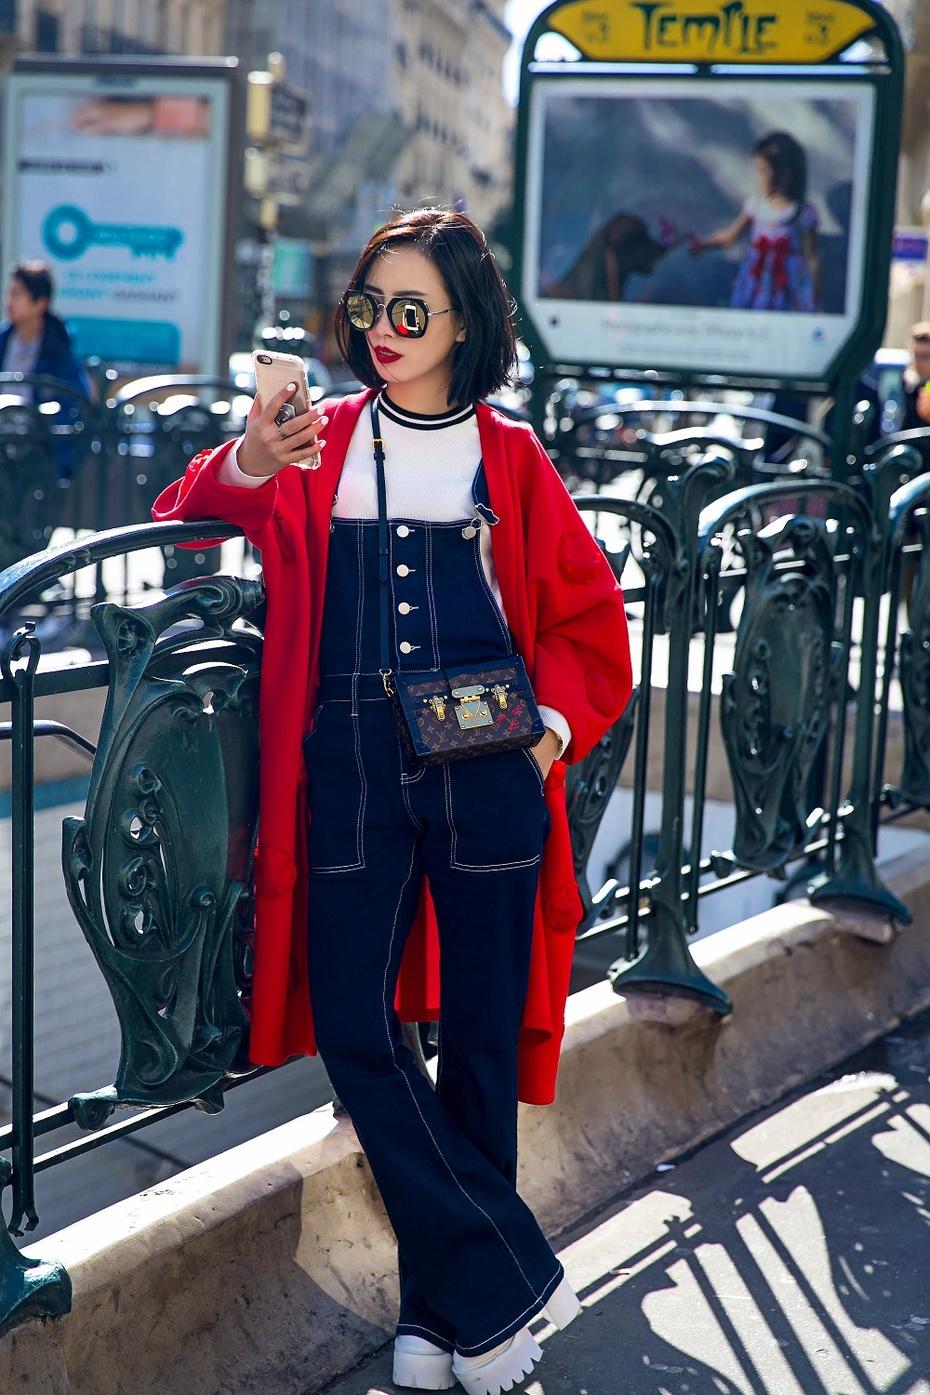 【妮儿の私服日记】少女 or 女王? who cares~ - Nikki妮儿 - Nikkis Fashion Blog